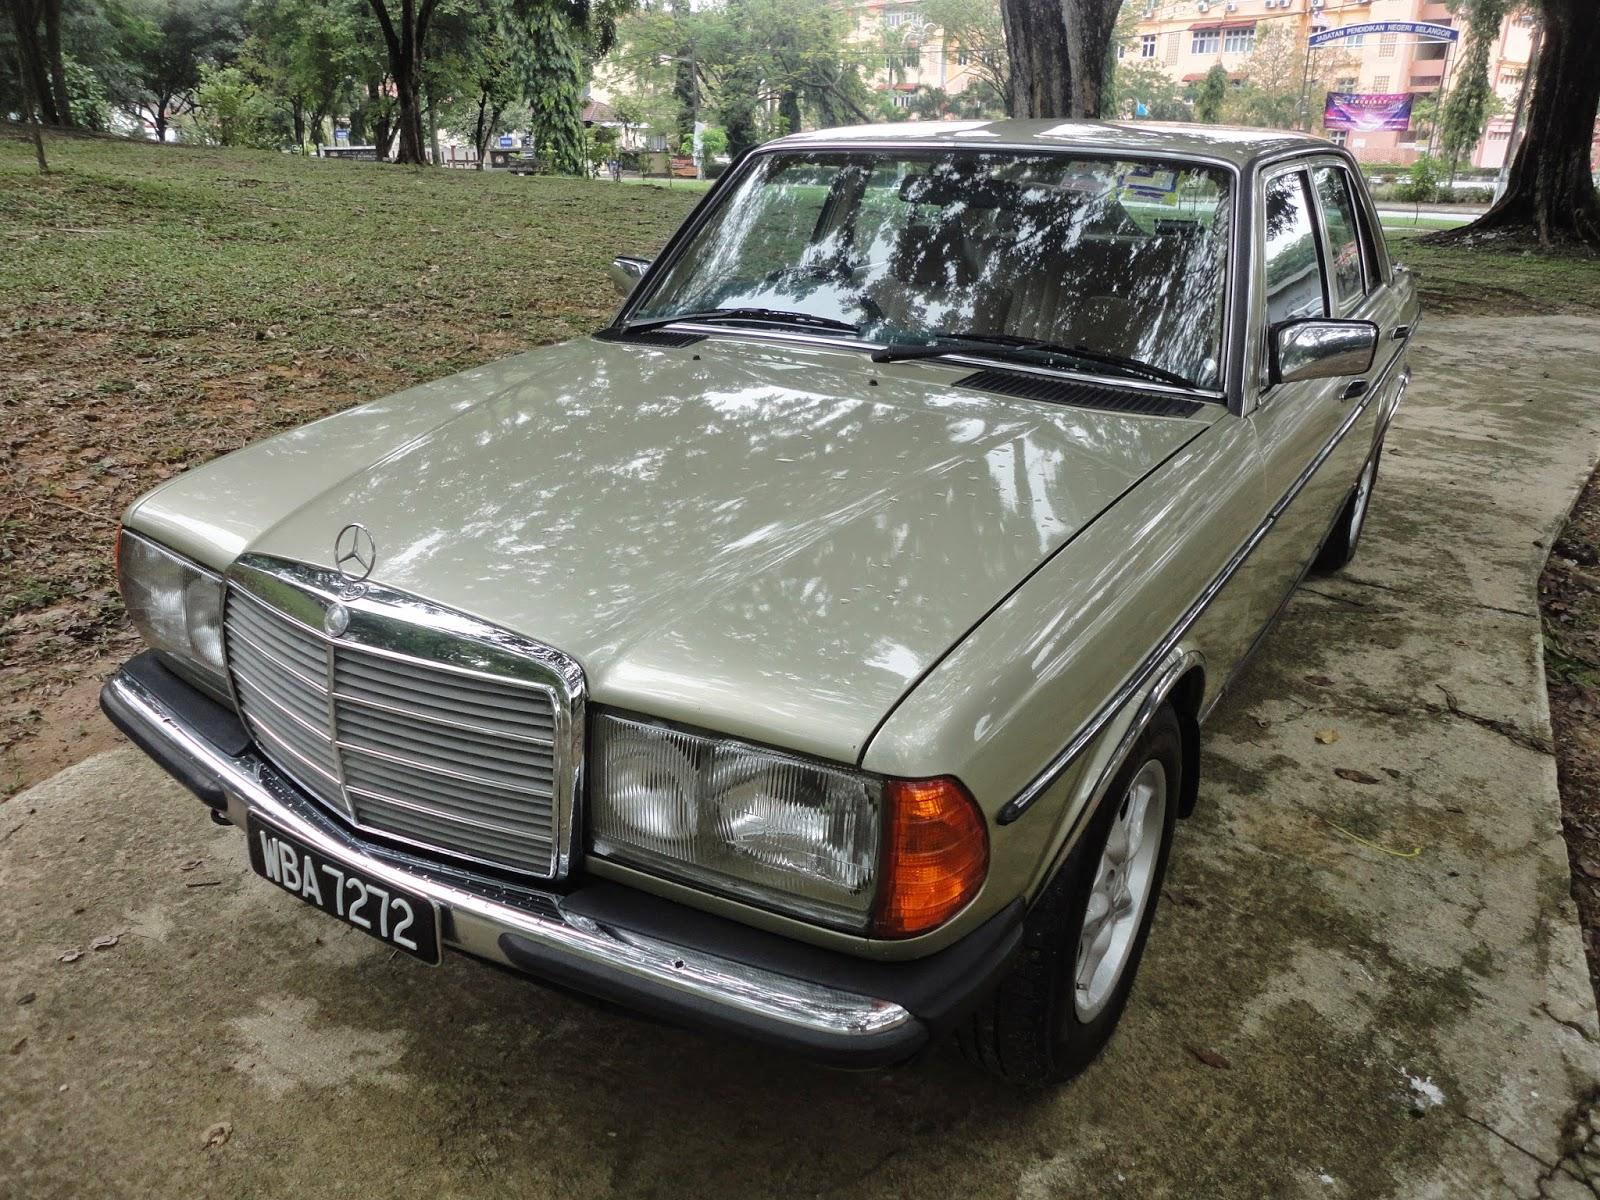 My daughter 39 s 1984 mercedes benz w123 230e langkasa for 1984 mercedes benz